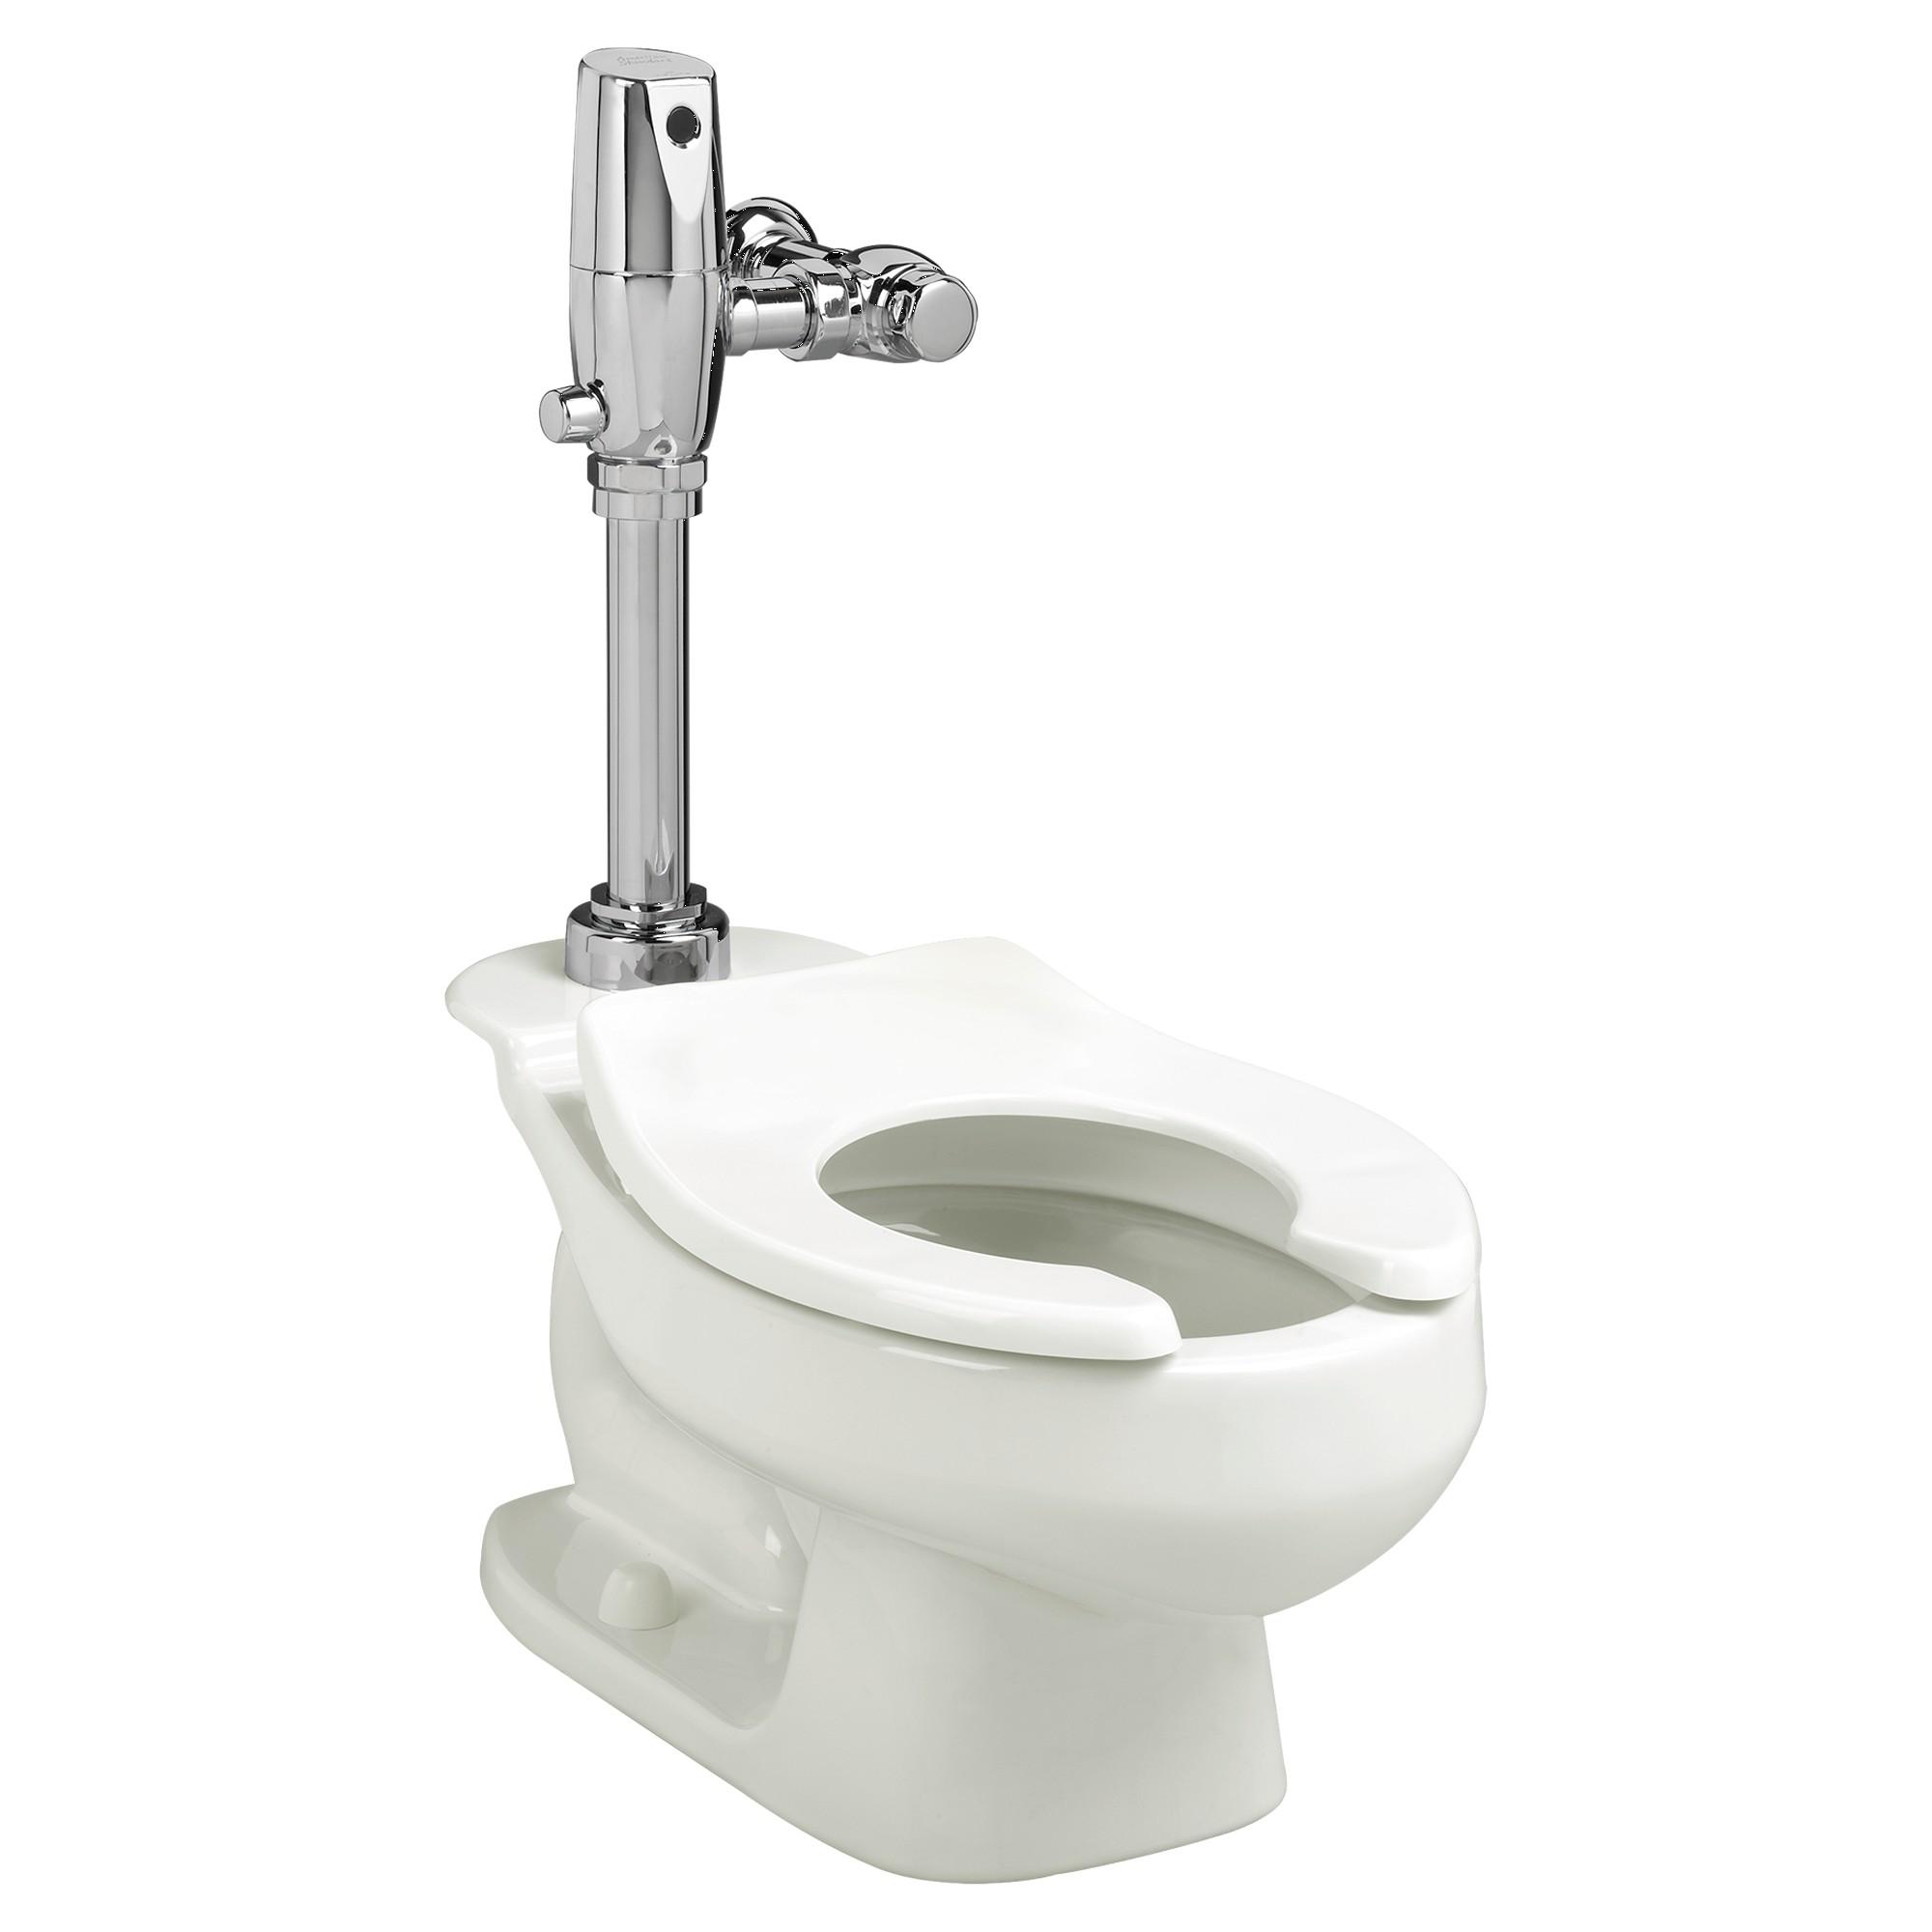 Plumbing Supplies Shower Fixtures Kitchen Bathroom